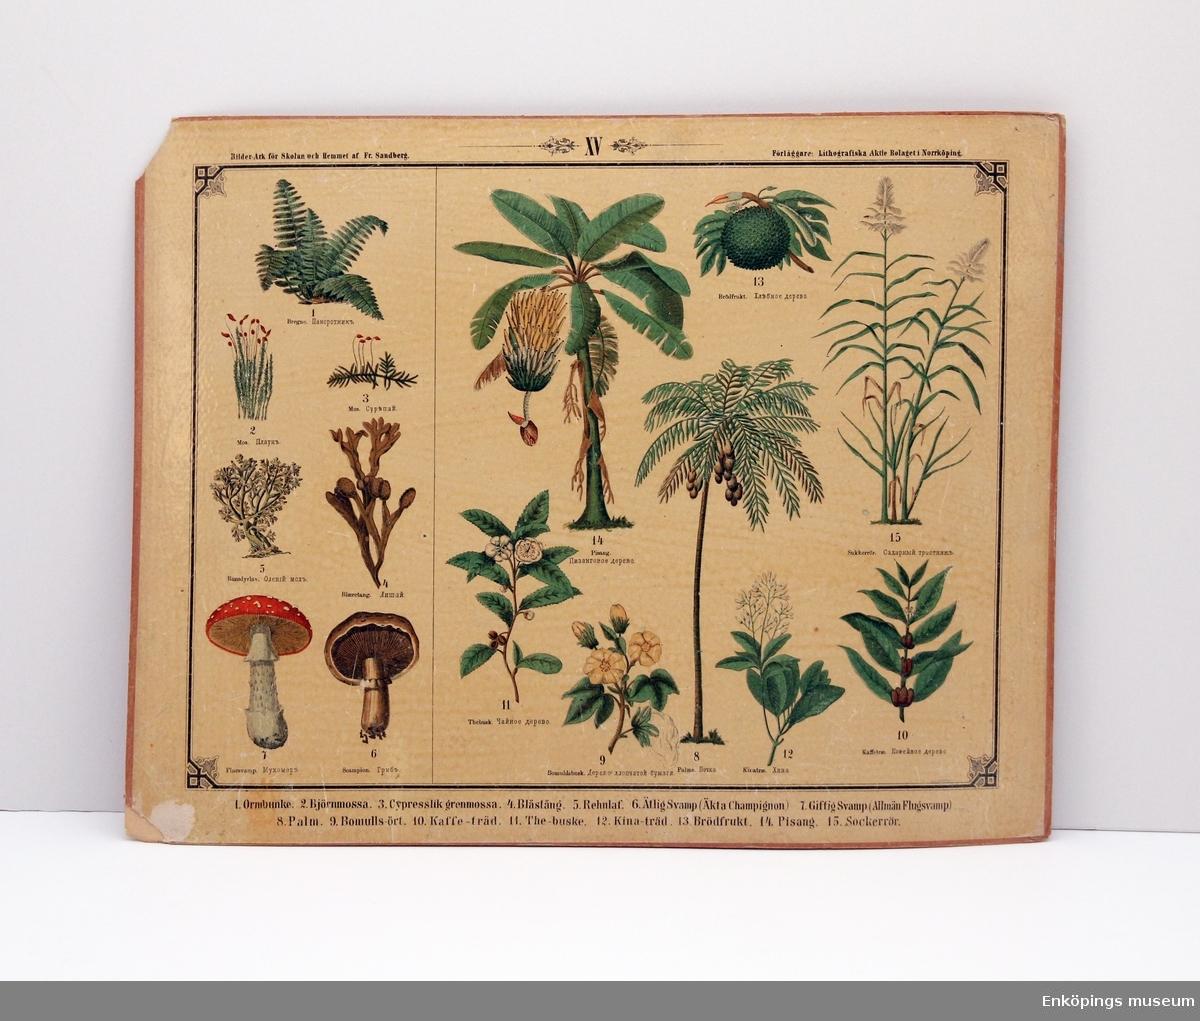 Skolplansch som visar olika Kryptogamer och andra växter. Från Litografiska Aktie Bolaget i Norrköping.  Skolplanscher användes i de flesta skolämnen under 1900-talet. År 1900 kom en ny läroplan (normalplan) där lektionerna skulle åskådliggöras för eleverna för att de skulle förstå bättre. Detta gjorde att räknestavar, skolplanscher, stora kartor och den svarta tavlan blev viktiga skolredskap.